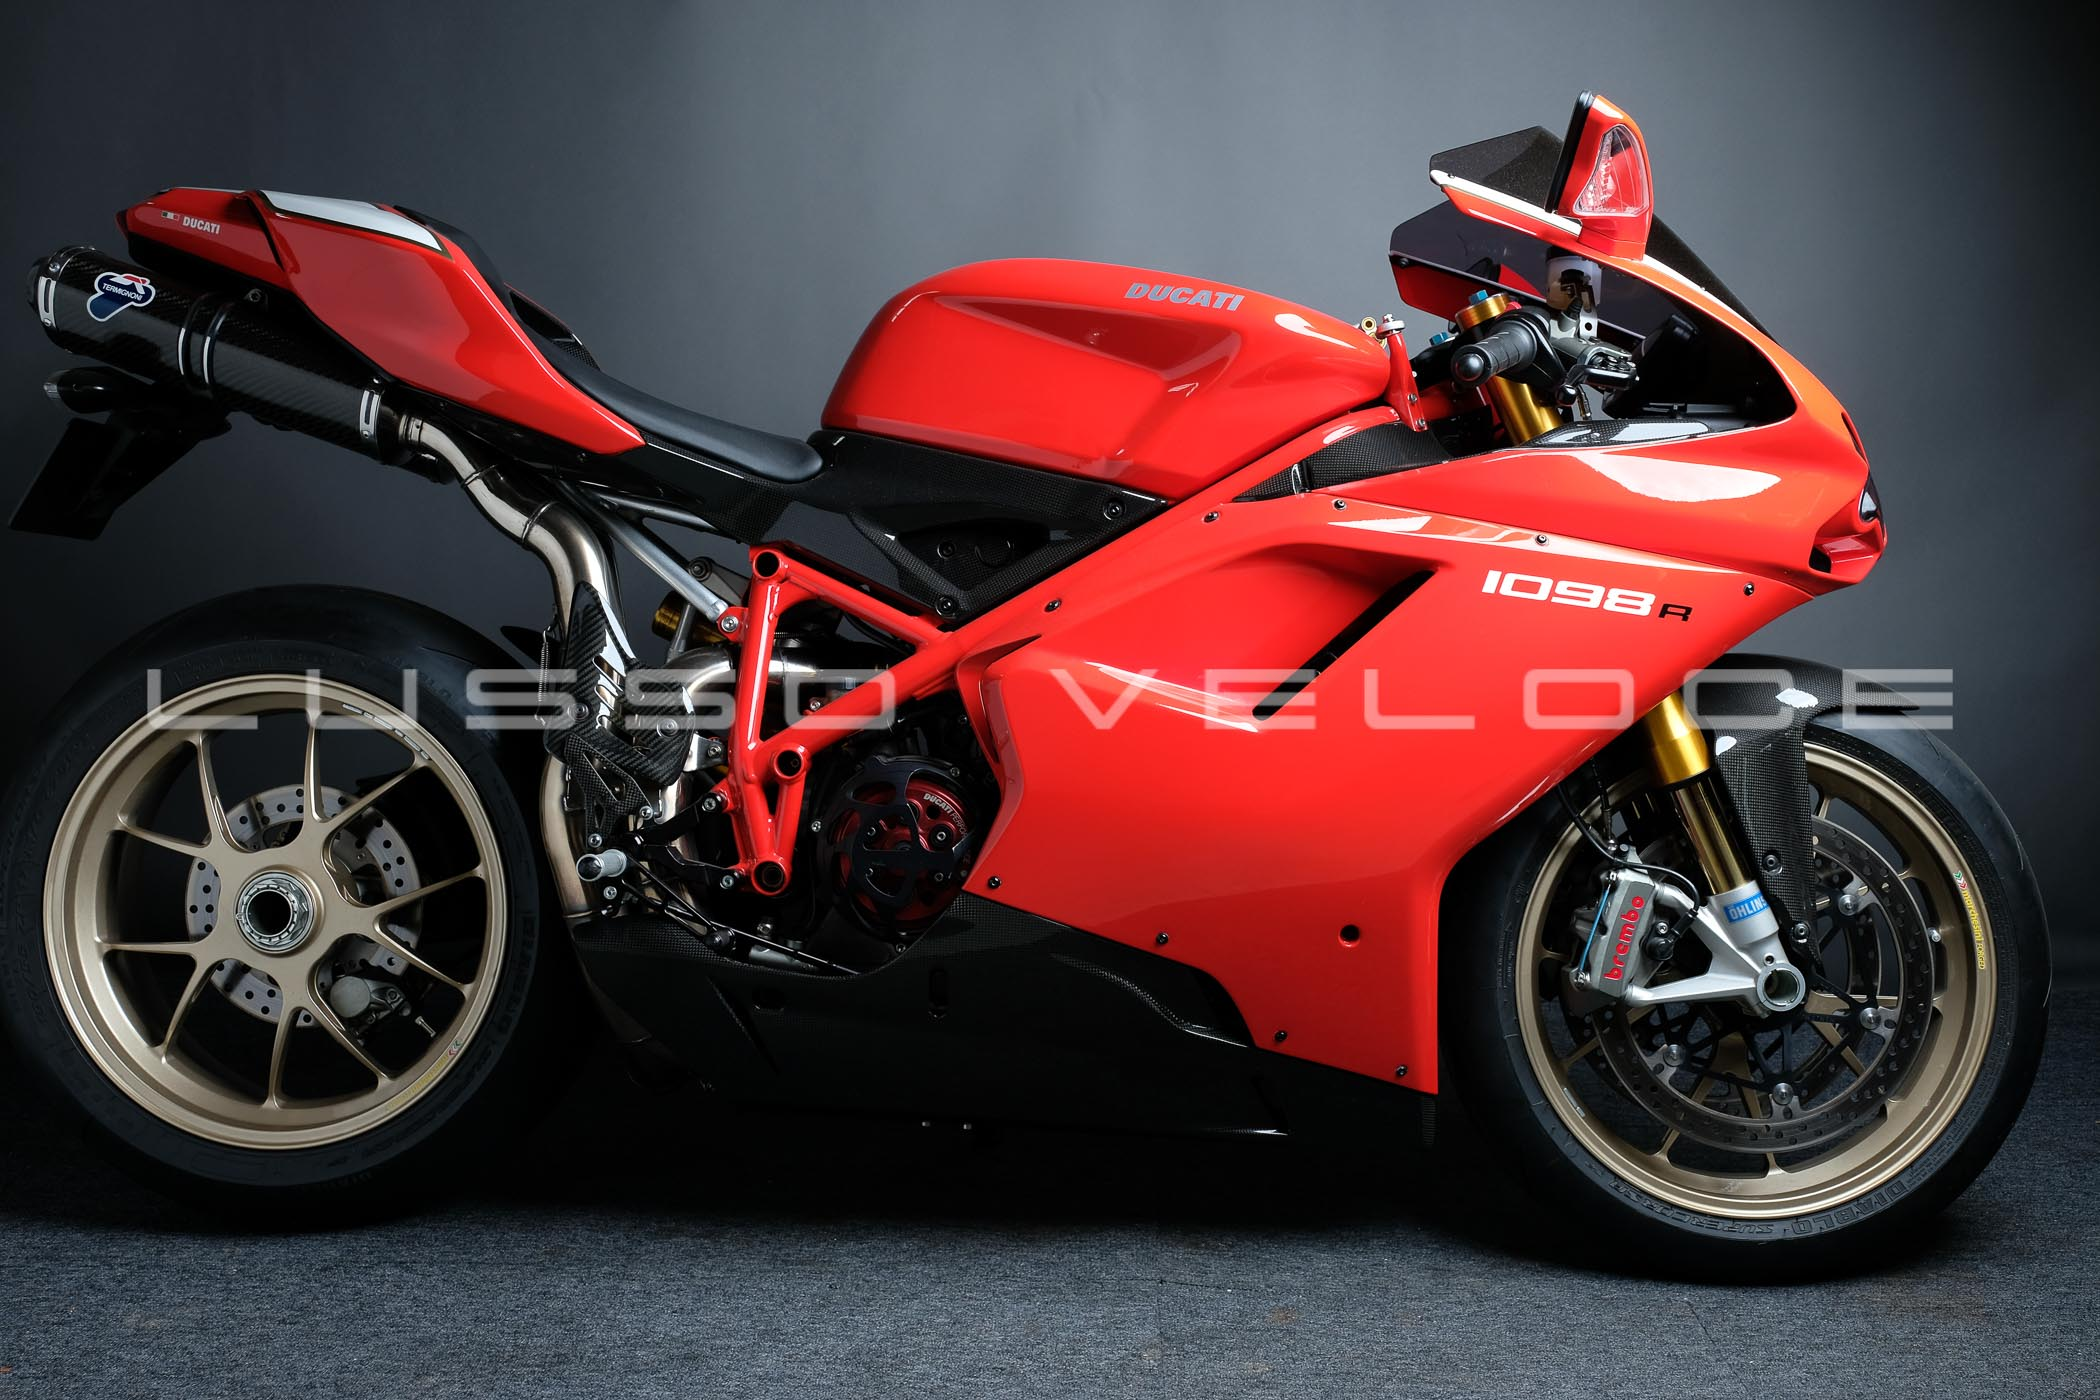 2008 Ducati 1098 R